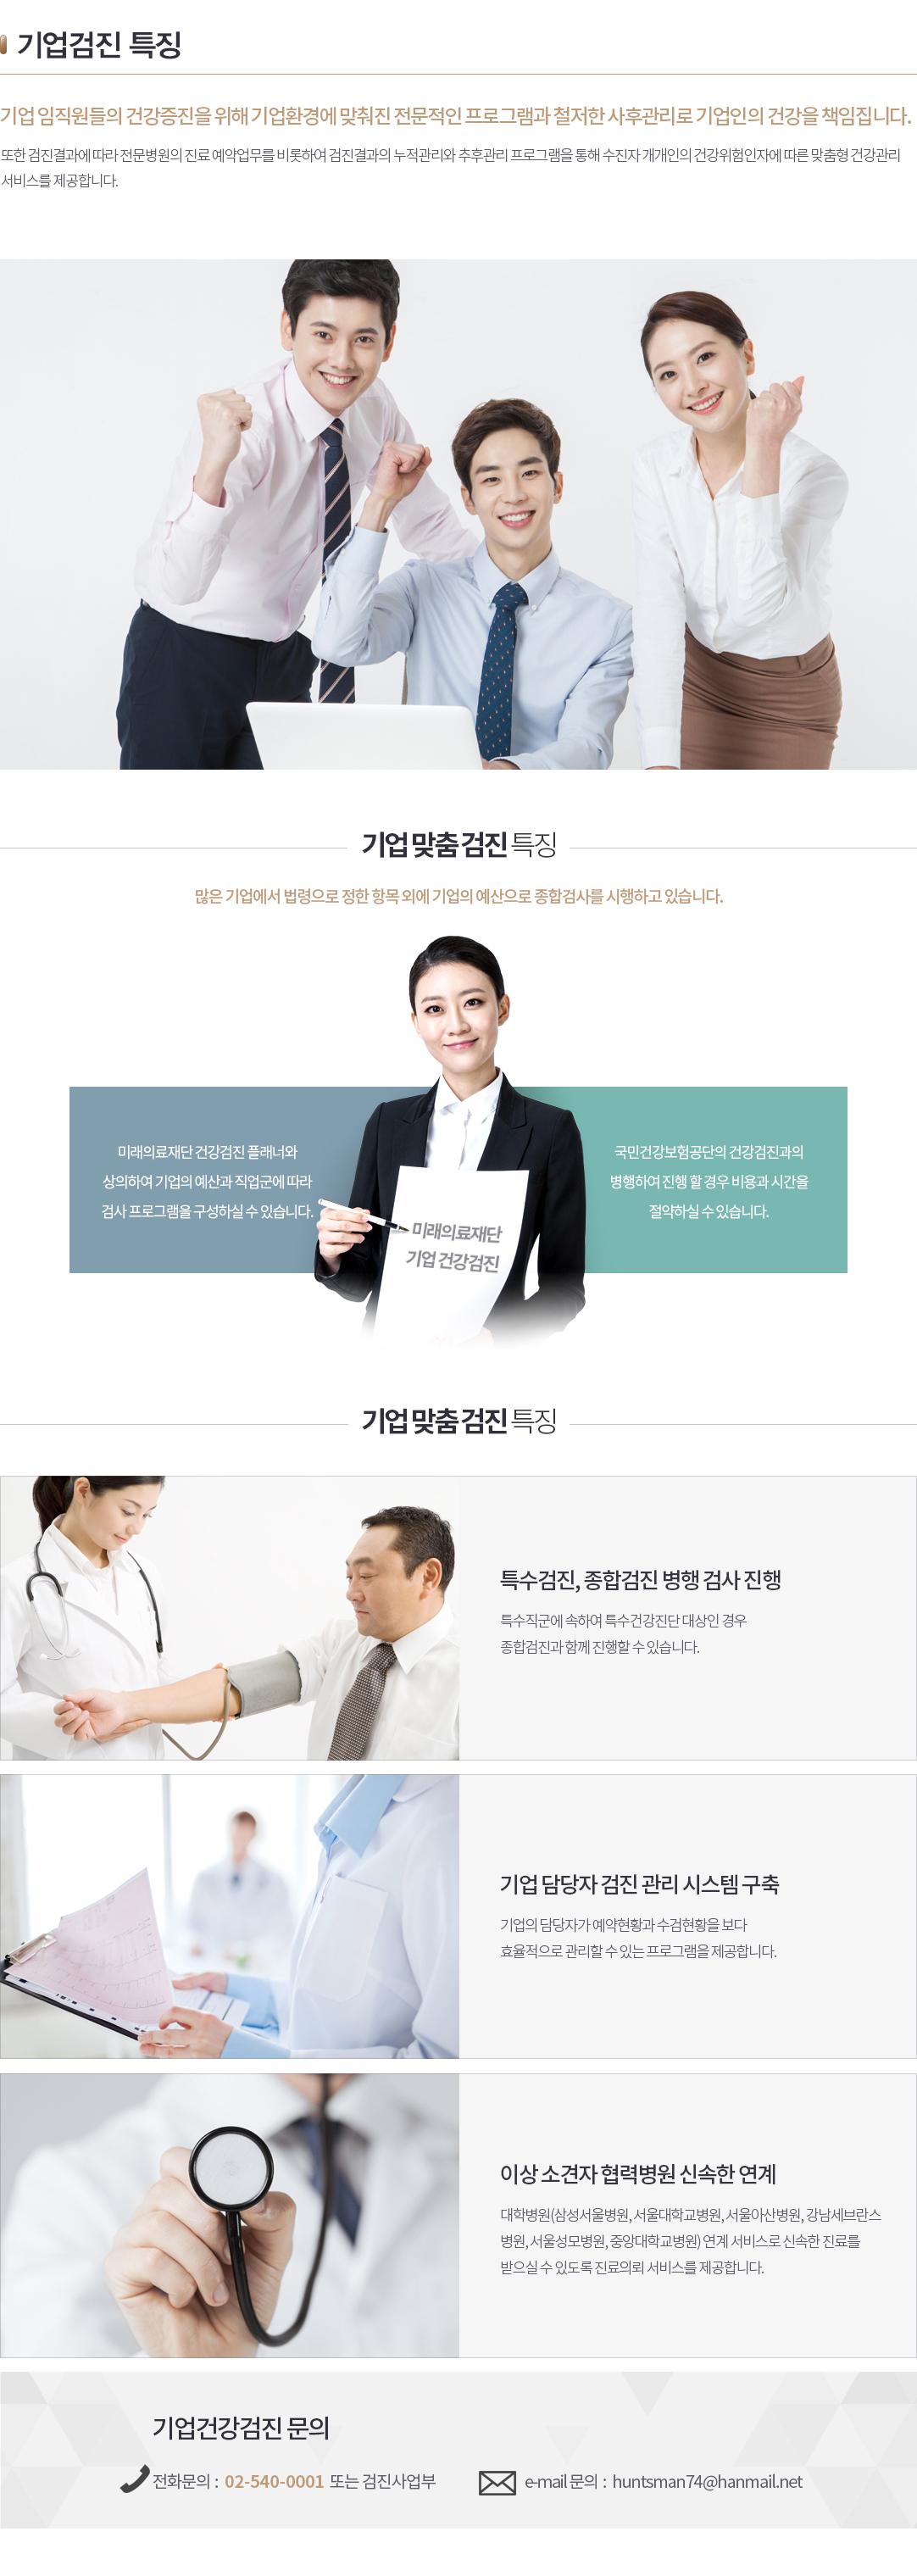 기업검진특징_1